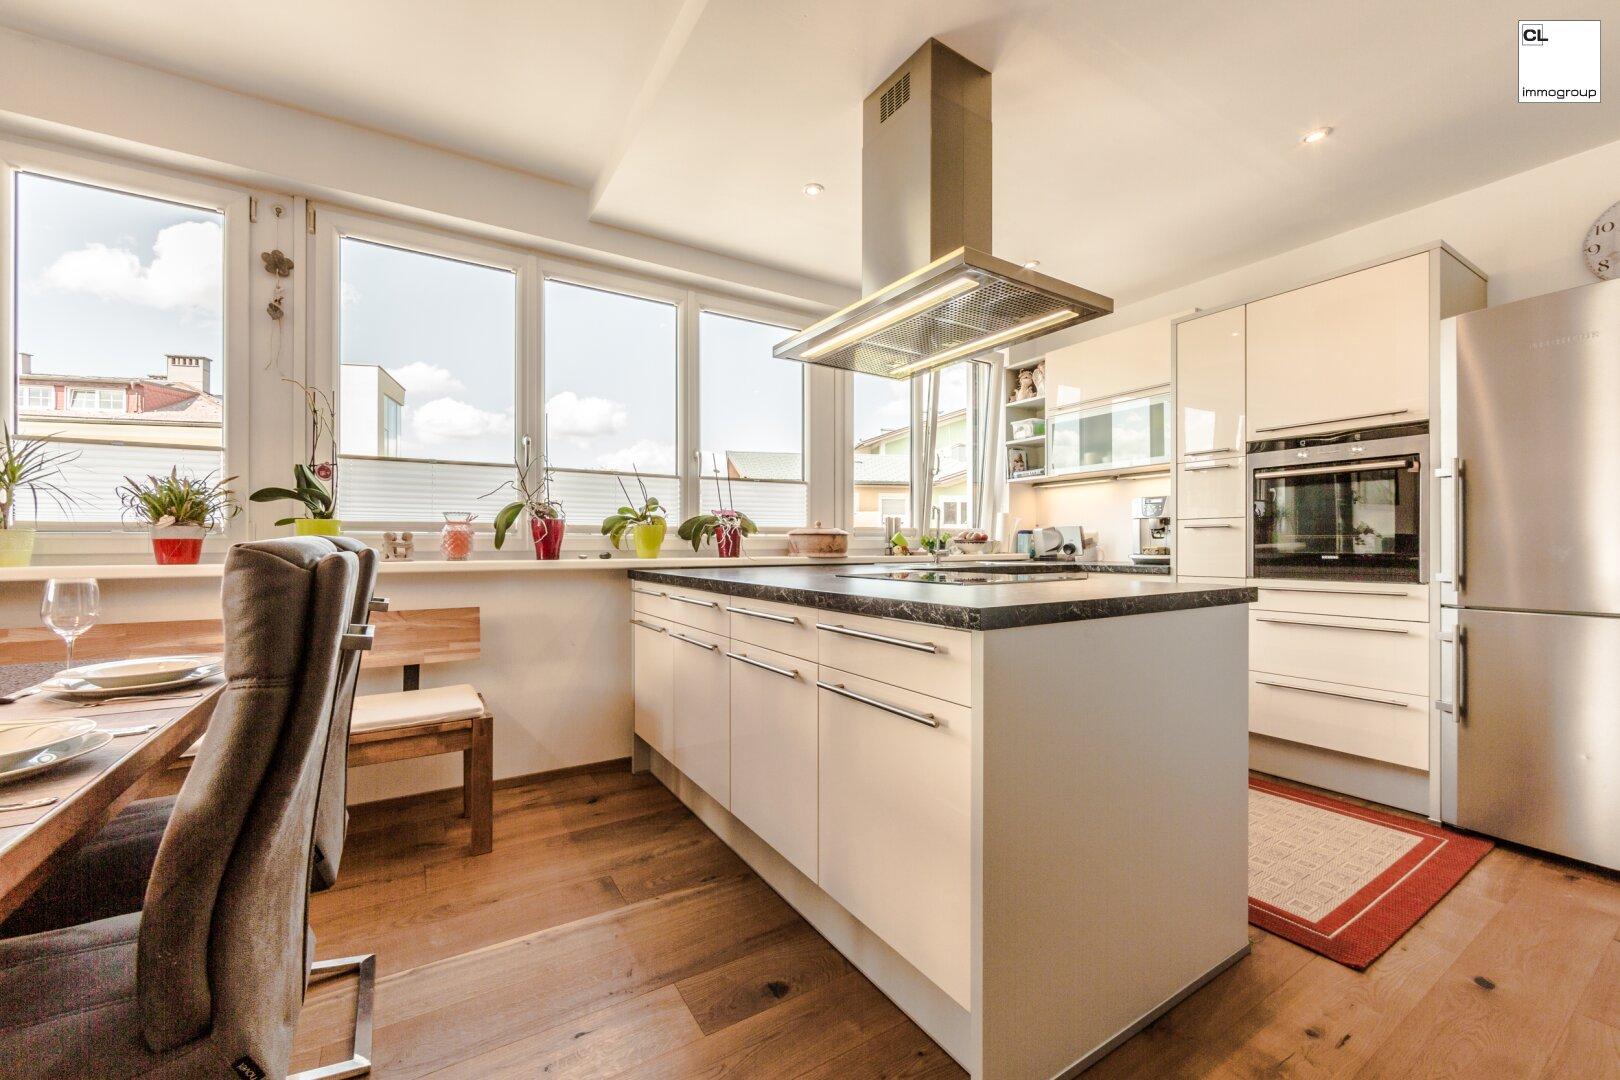 Großzügige und moderne Küche 3-Zimmer Wohnung in Mondsee